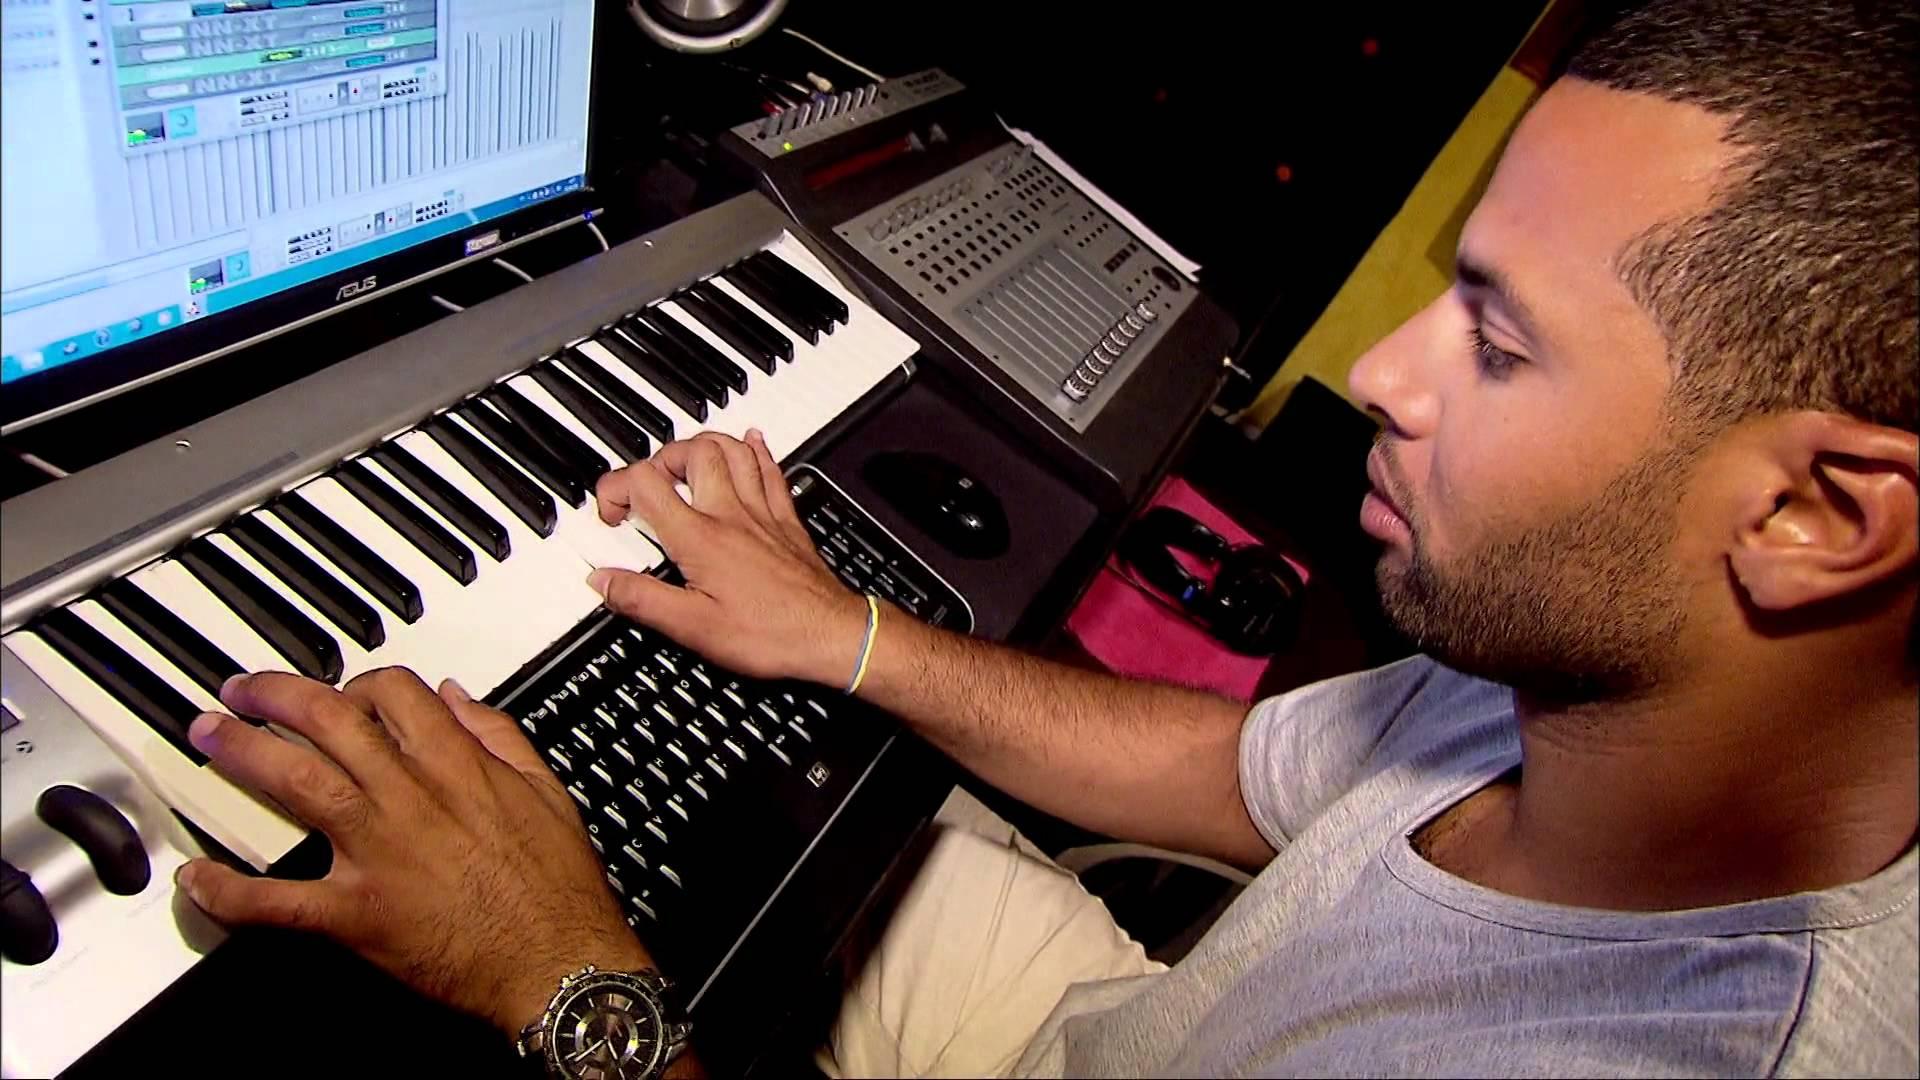 à la rencontre de... DJ Van - Producteur musical à Marrakech